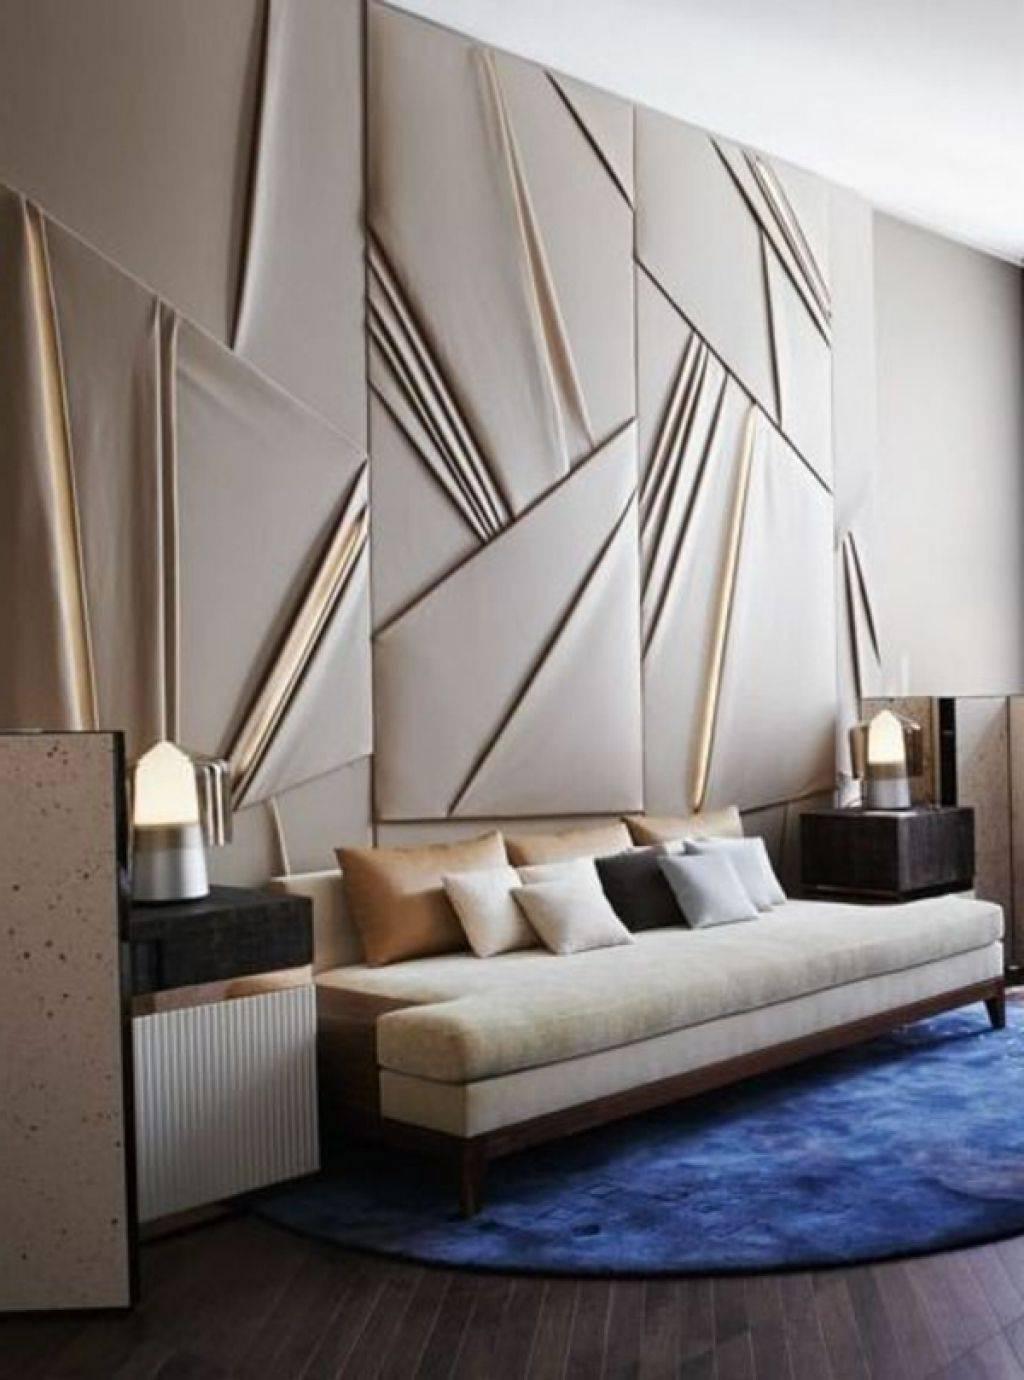 wanddeko wohnzimmer spiegel luxus wanddeko wohnzimmer modern wohndesign of wanddeko wohnzimmer spiegel